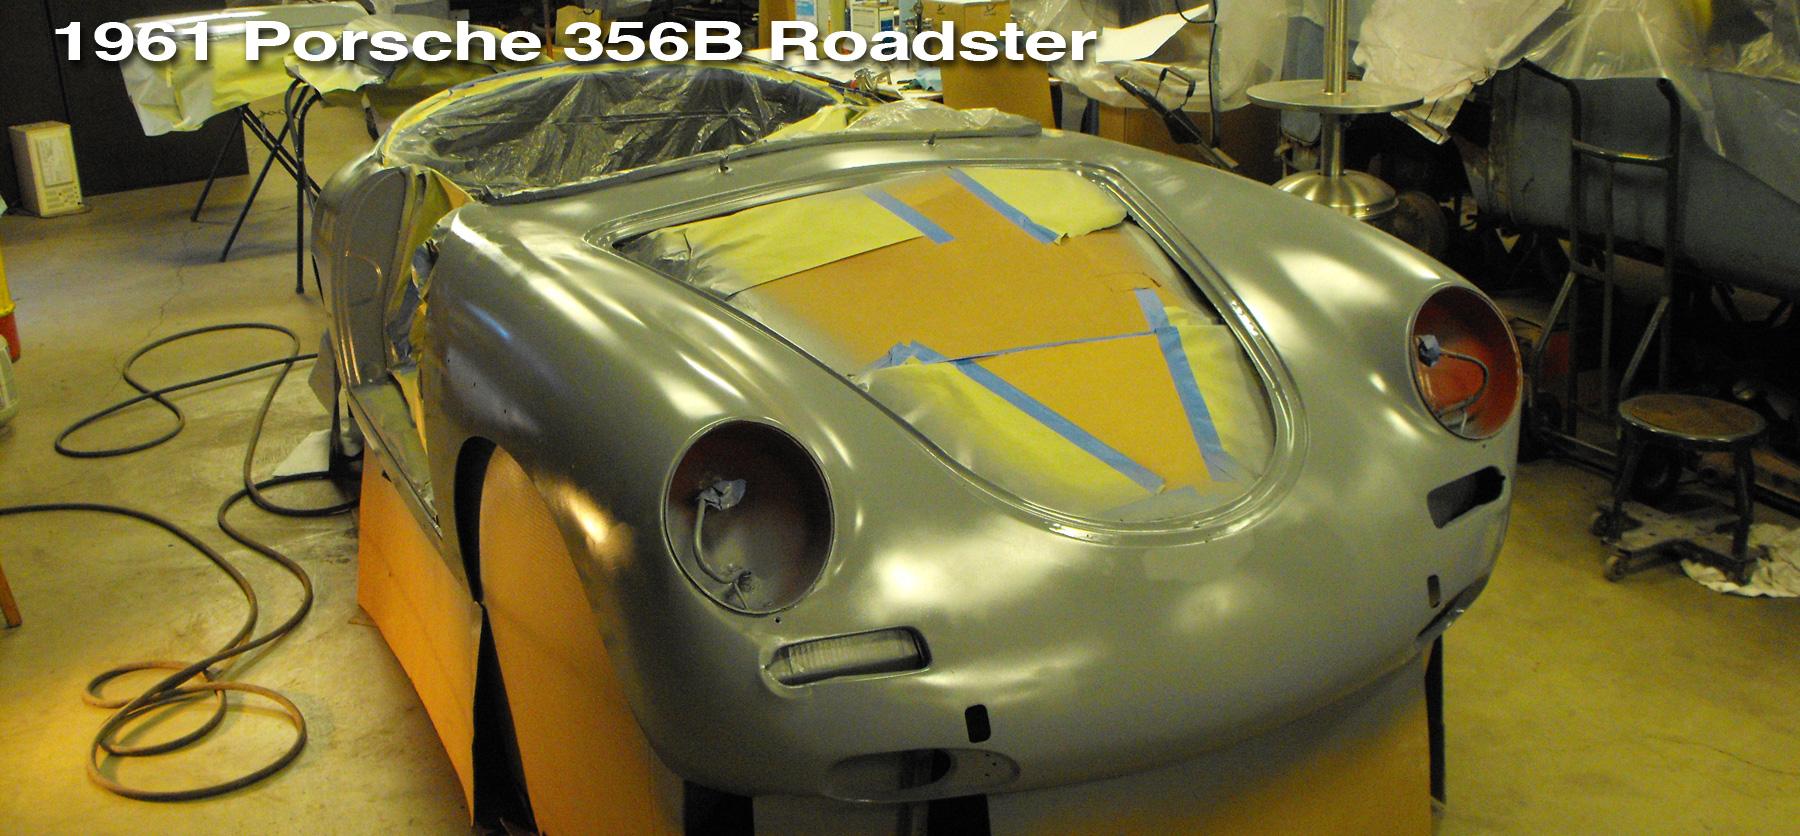 Porsche 356 Roadster restoration header showing the car in primer.